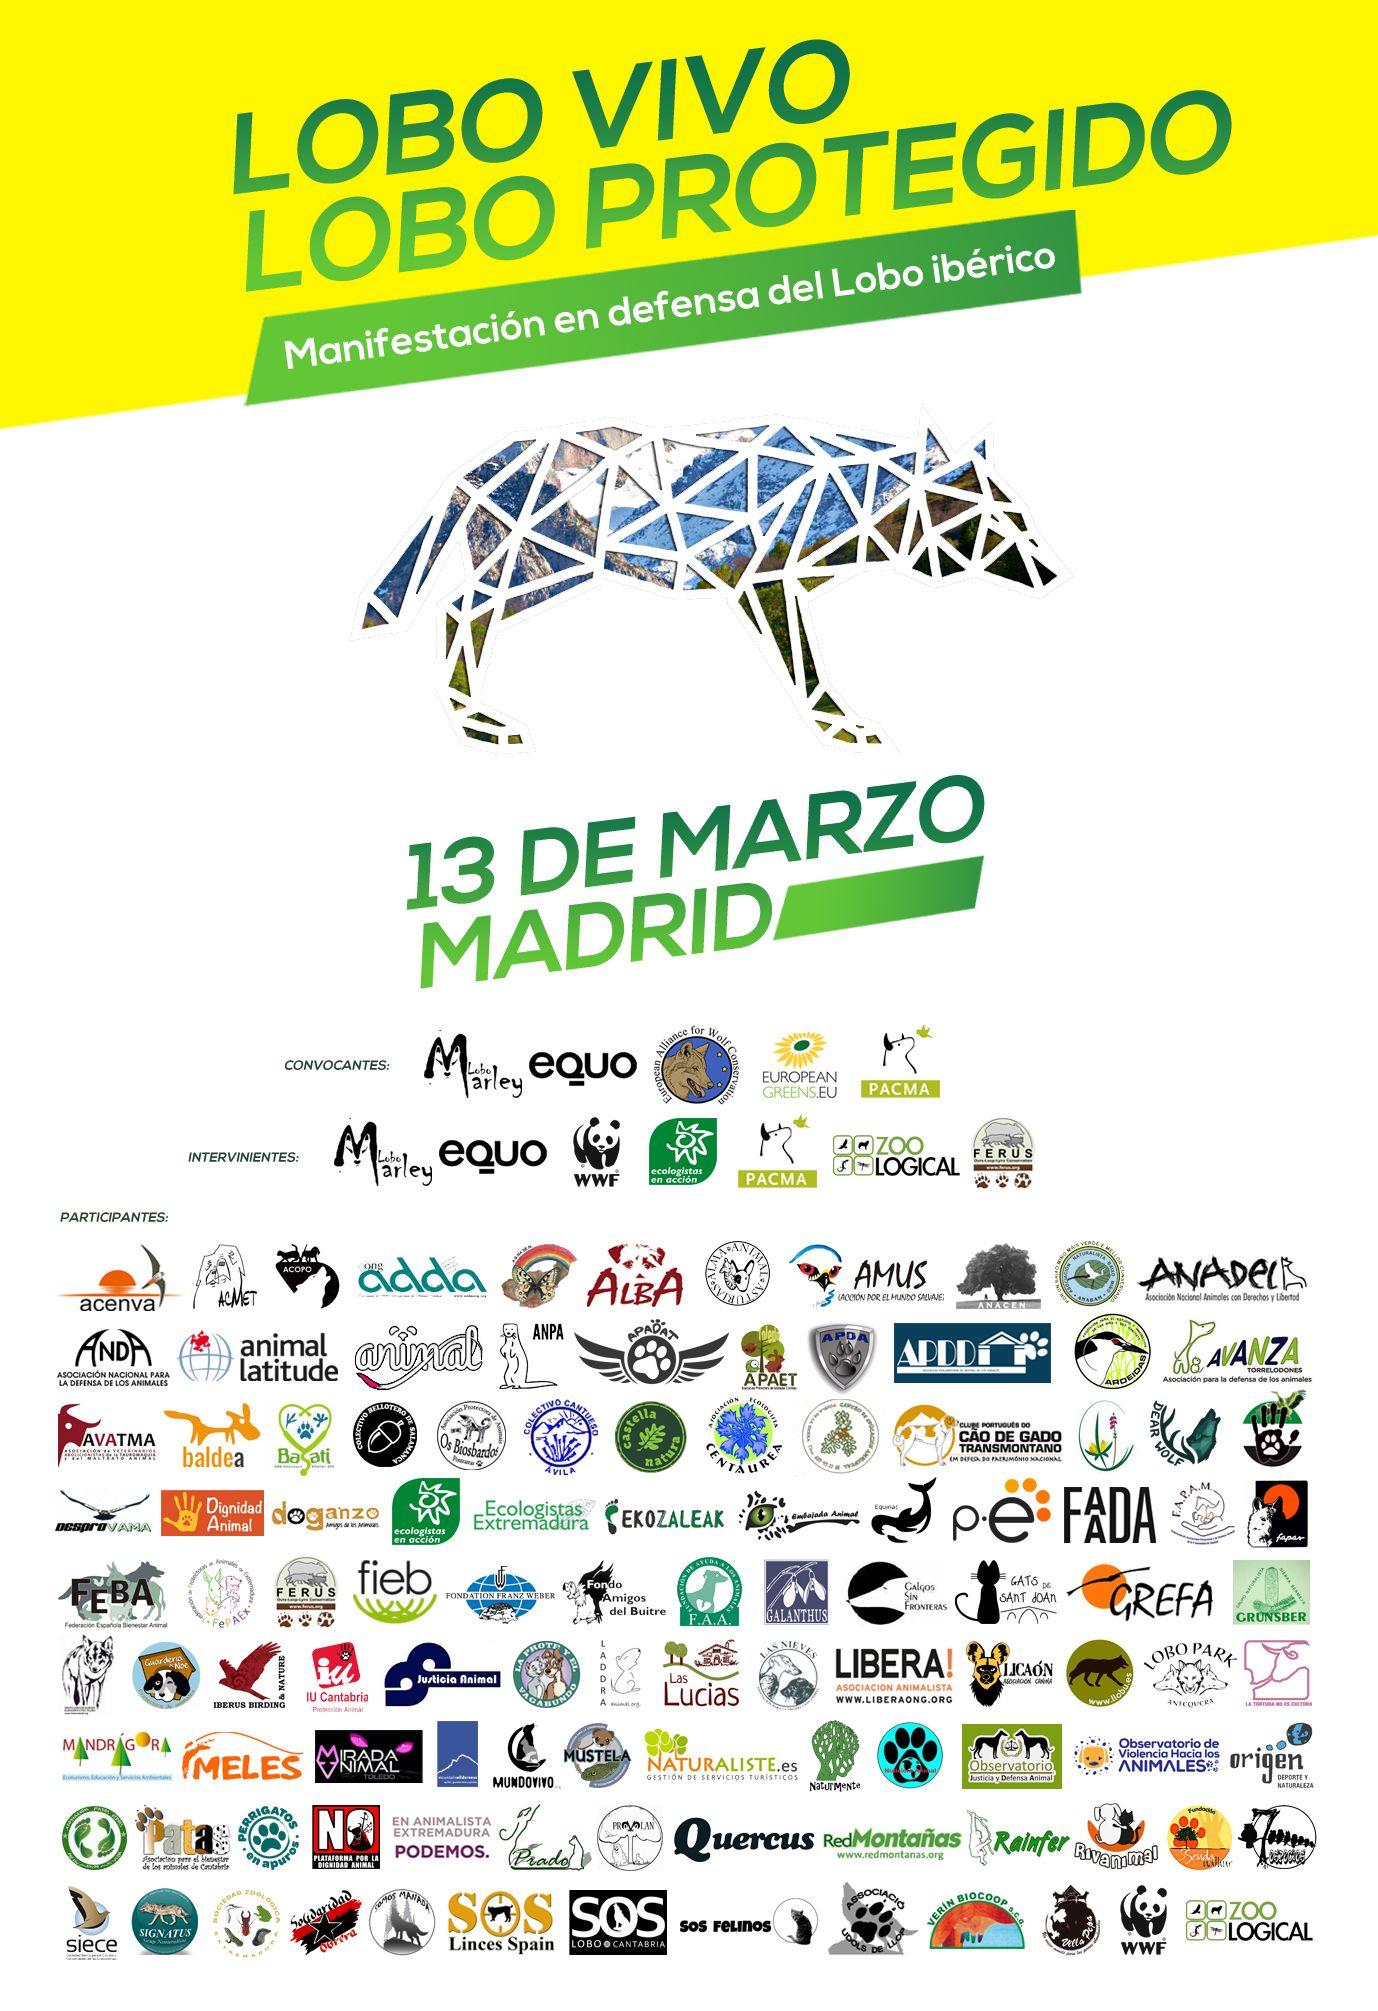 Más de 150 organizaciones se unen a la manifestación en Madrid por la protección del lobo ibérico 2016